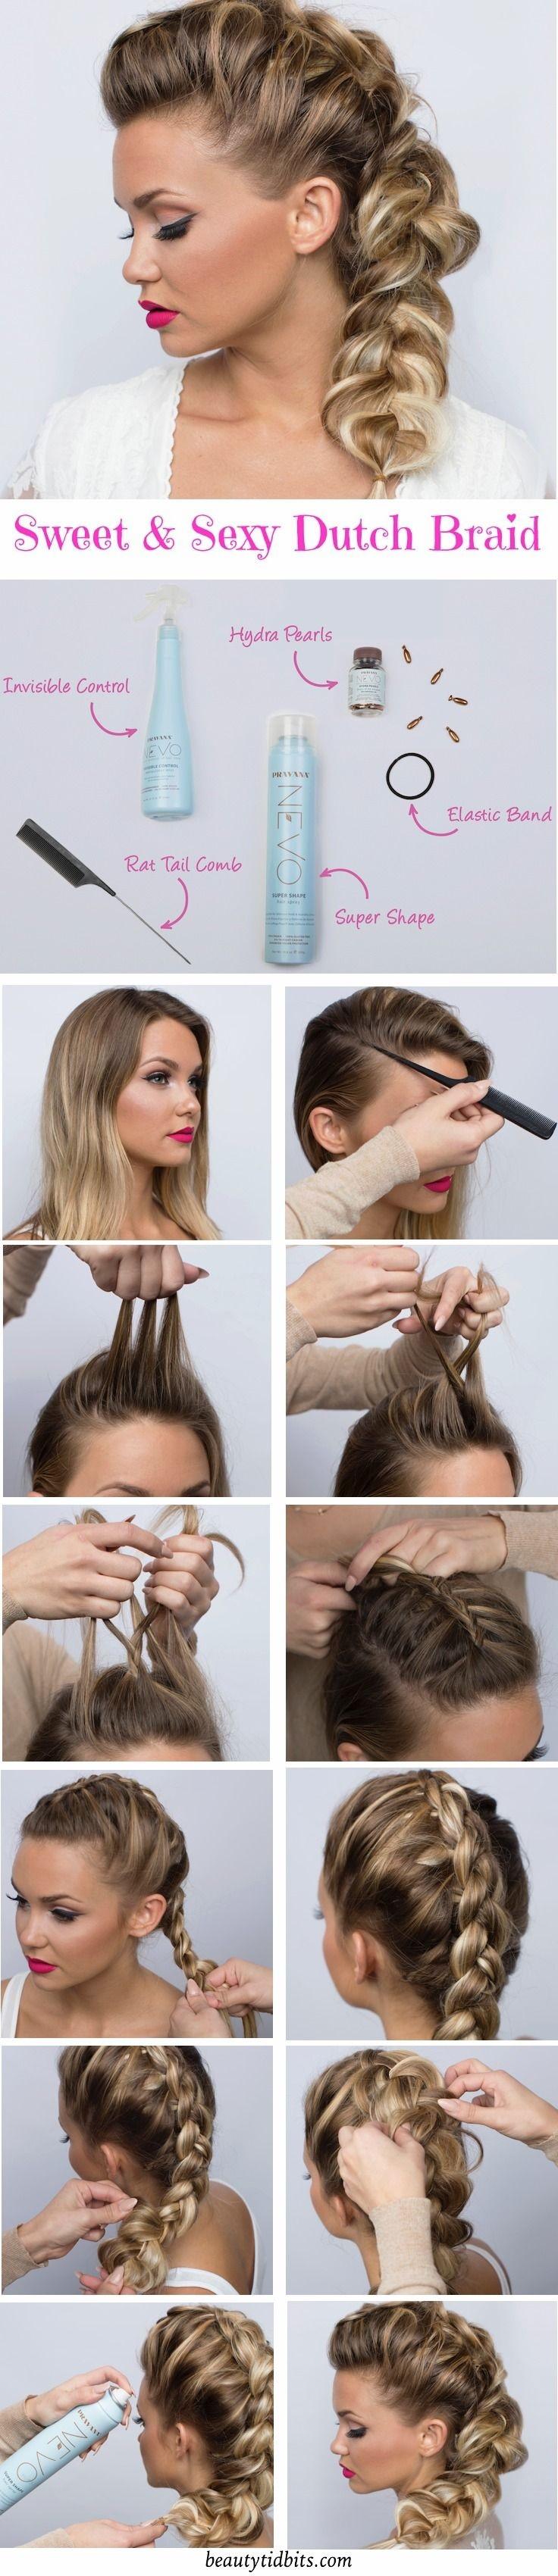 magnifiques coiffures tresses pour le nouvel an coiffure. Black Bedroom Furniture Sets. Home Design Ideas